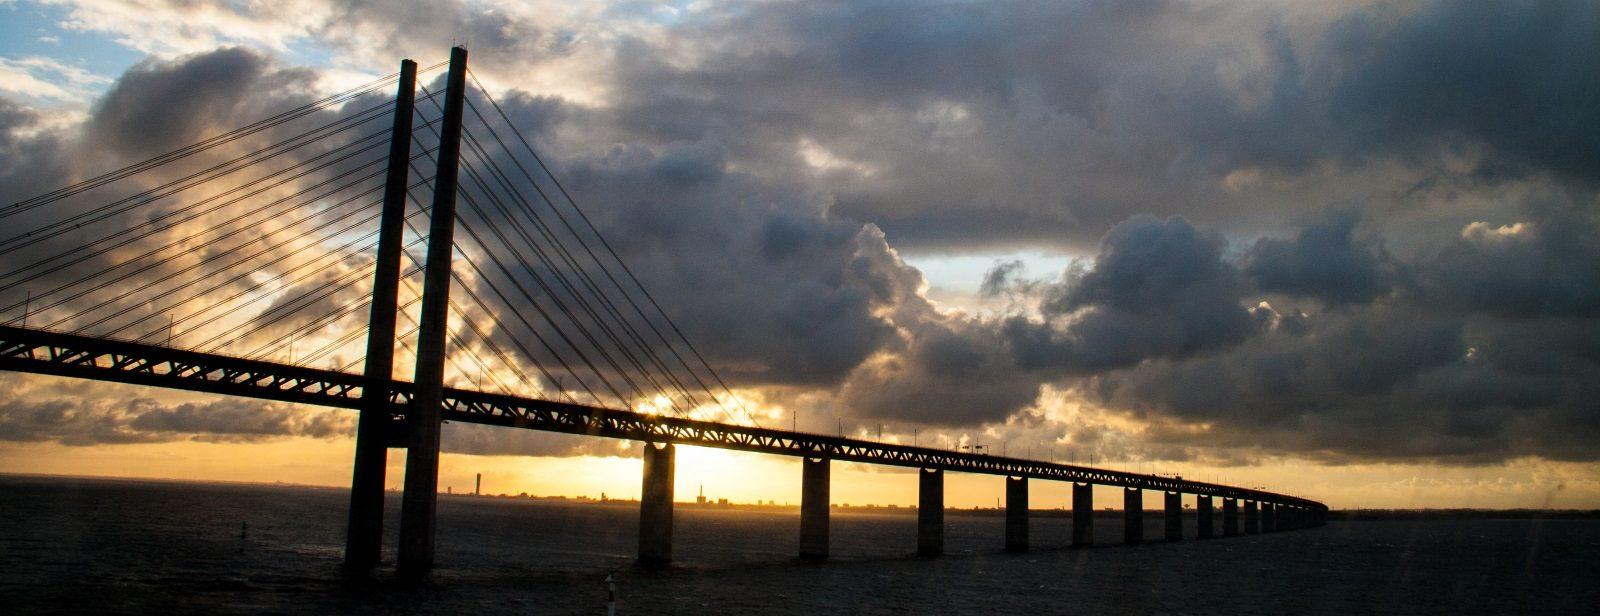 Bei so schöner Lichtstimmung haben wir die Brücke nicht erlebt.